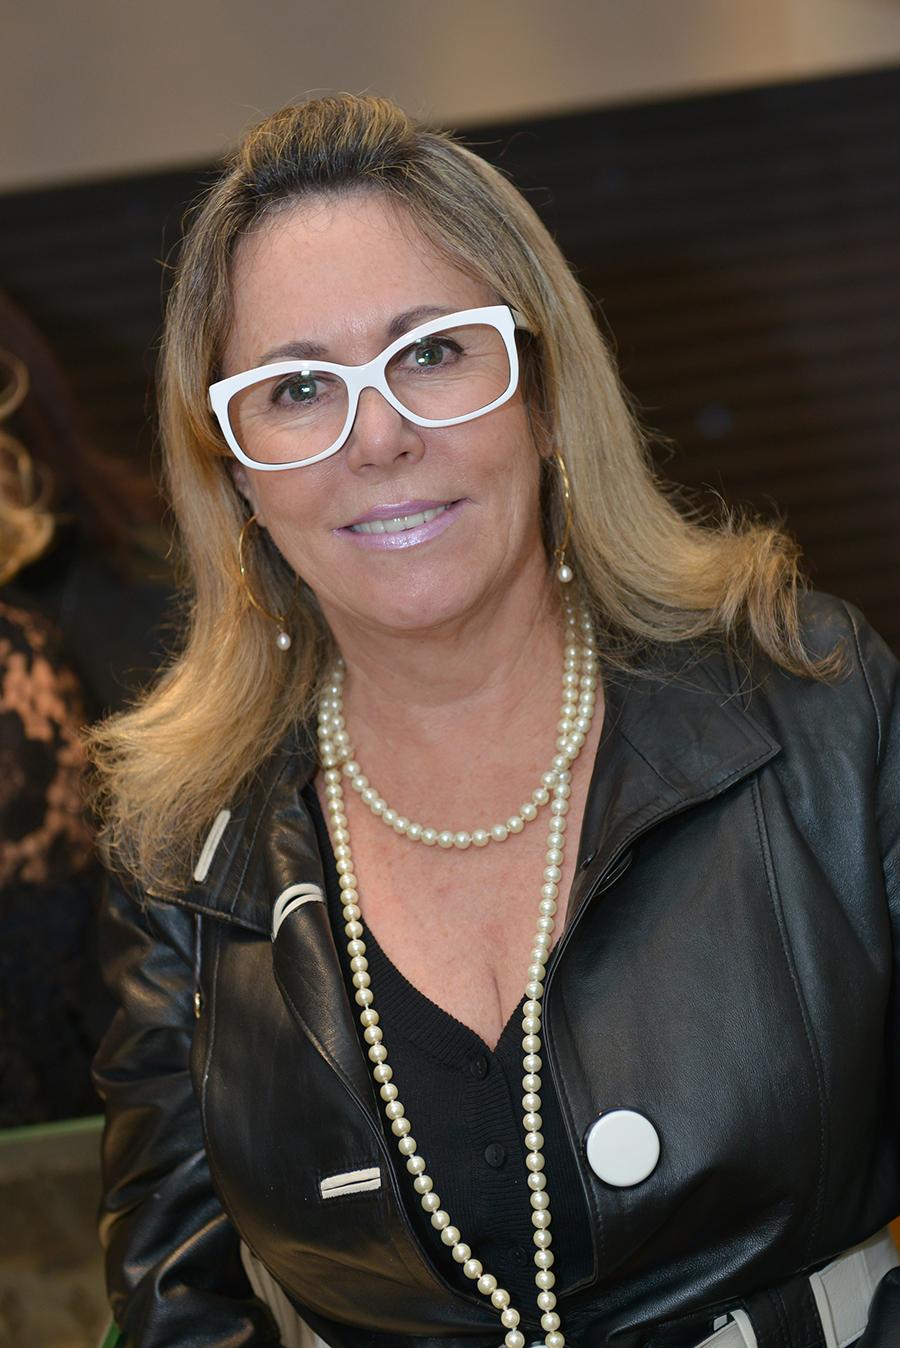 Ana Beatriz Ferraz